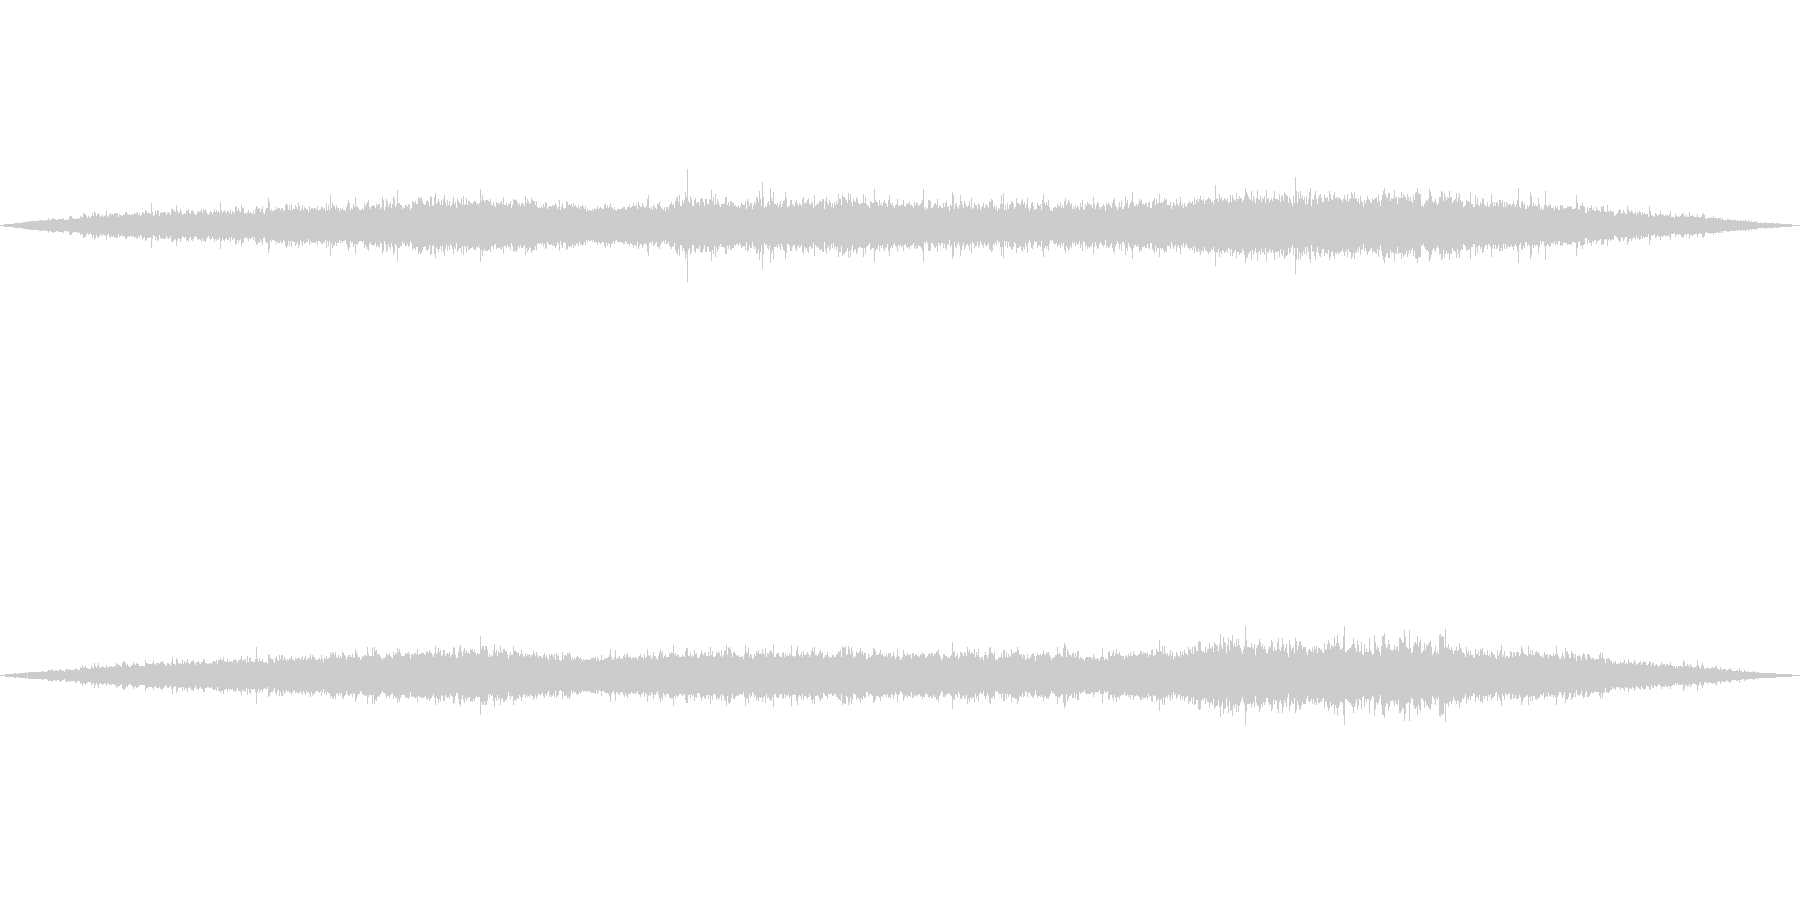 【環境音】500個の風鈴の音01の未再生の波形